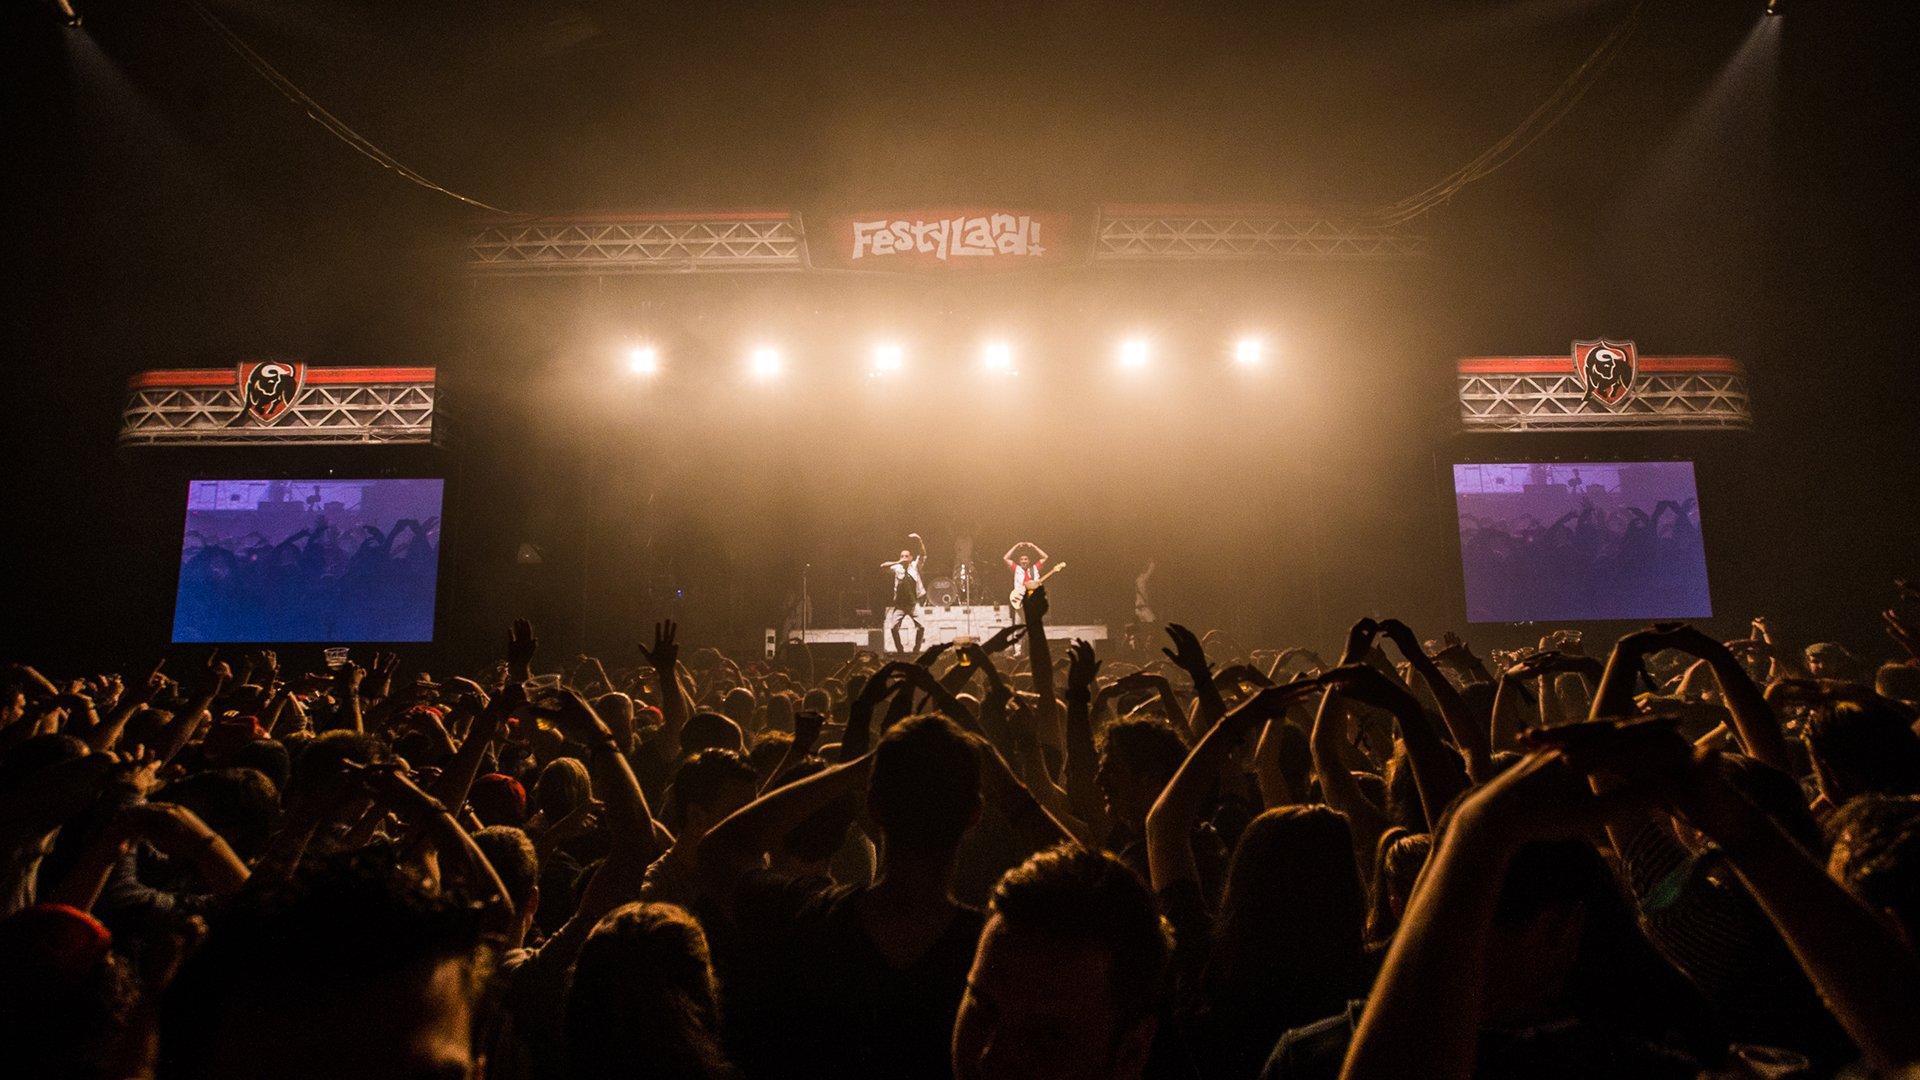 Festyland - 2017